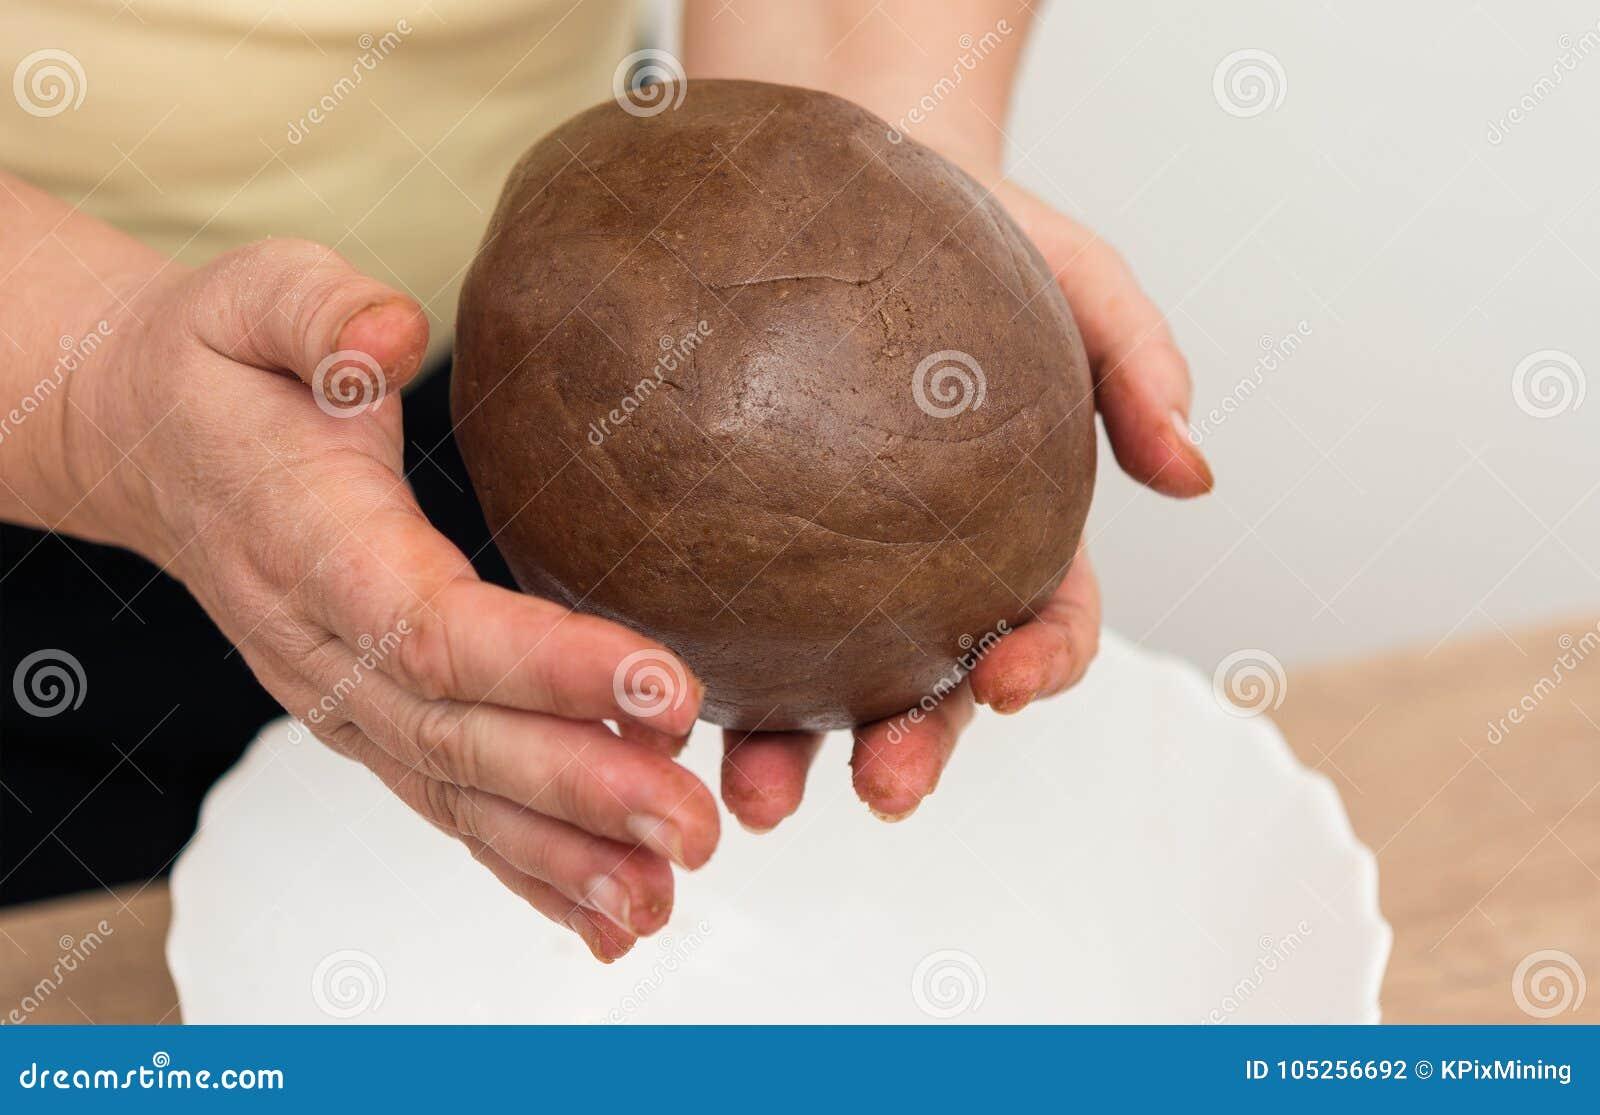 Plan rapproché des mains femelles en malaxant une boule de pâte brune